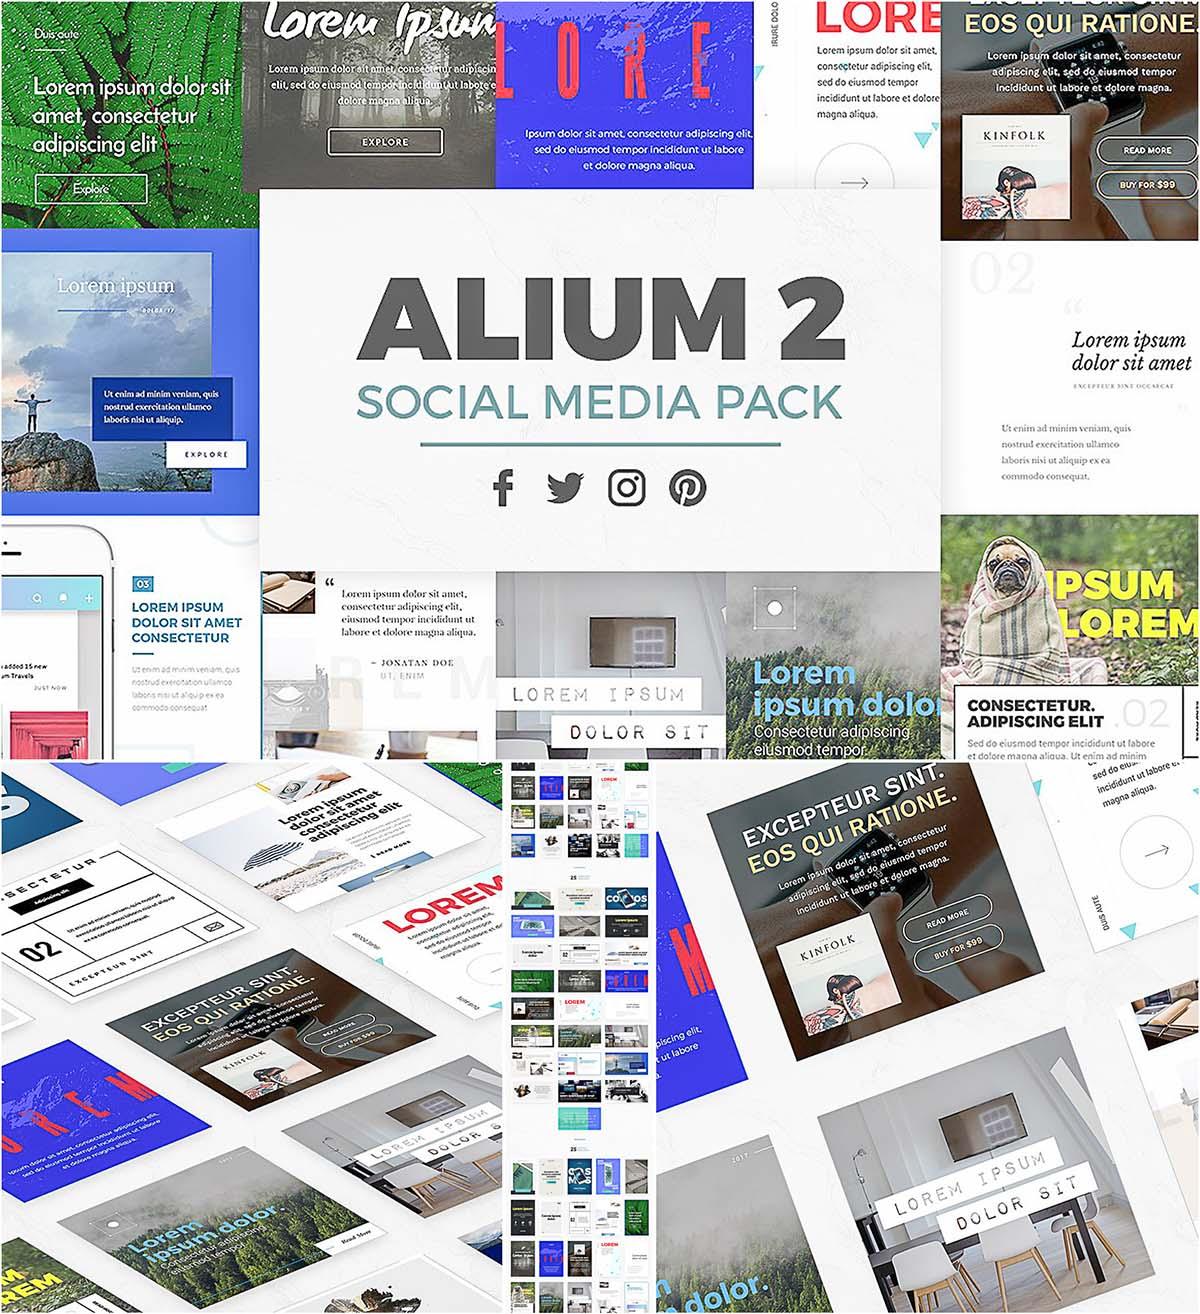 Social media pack Alium